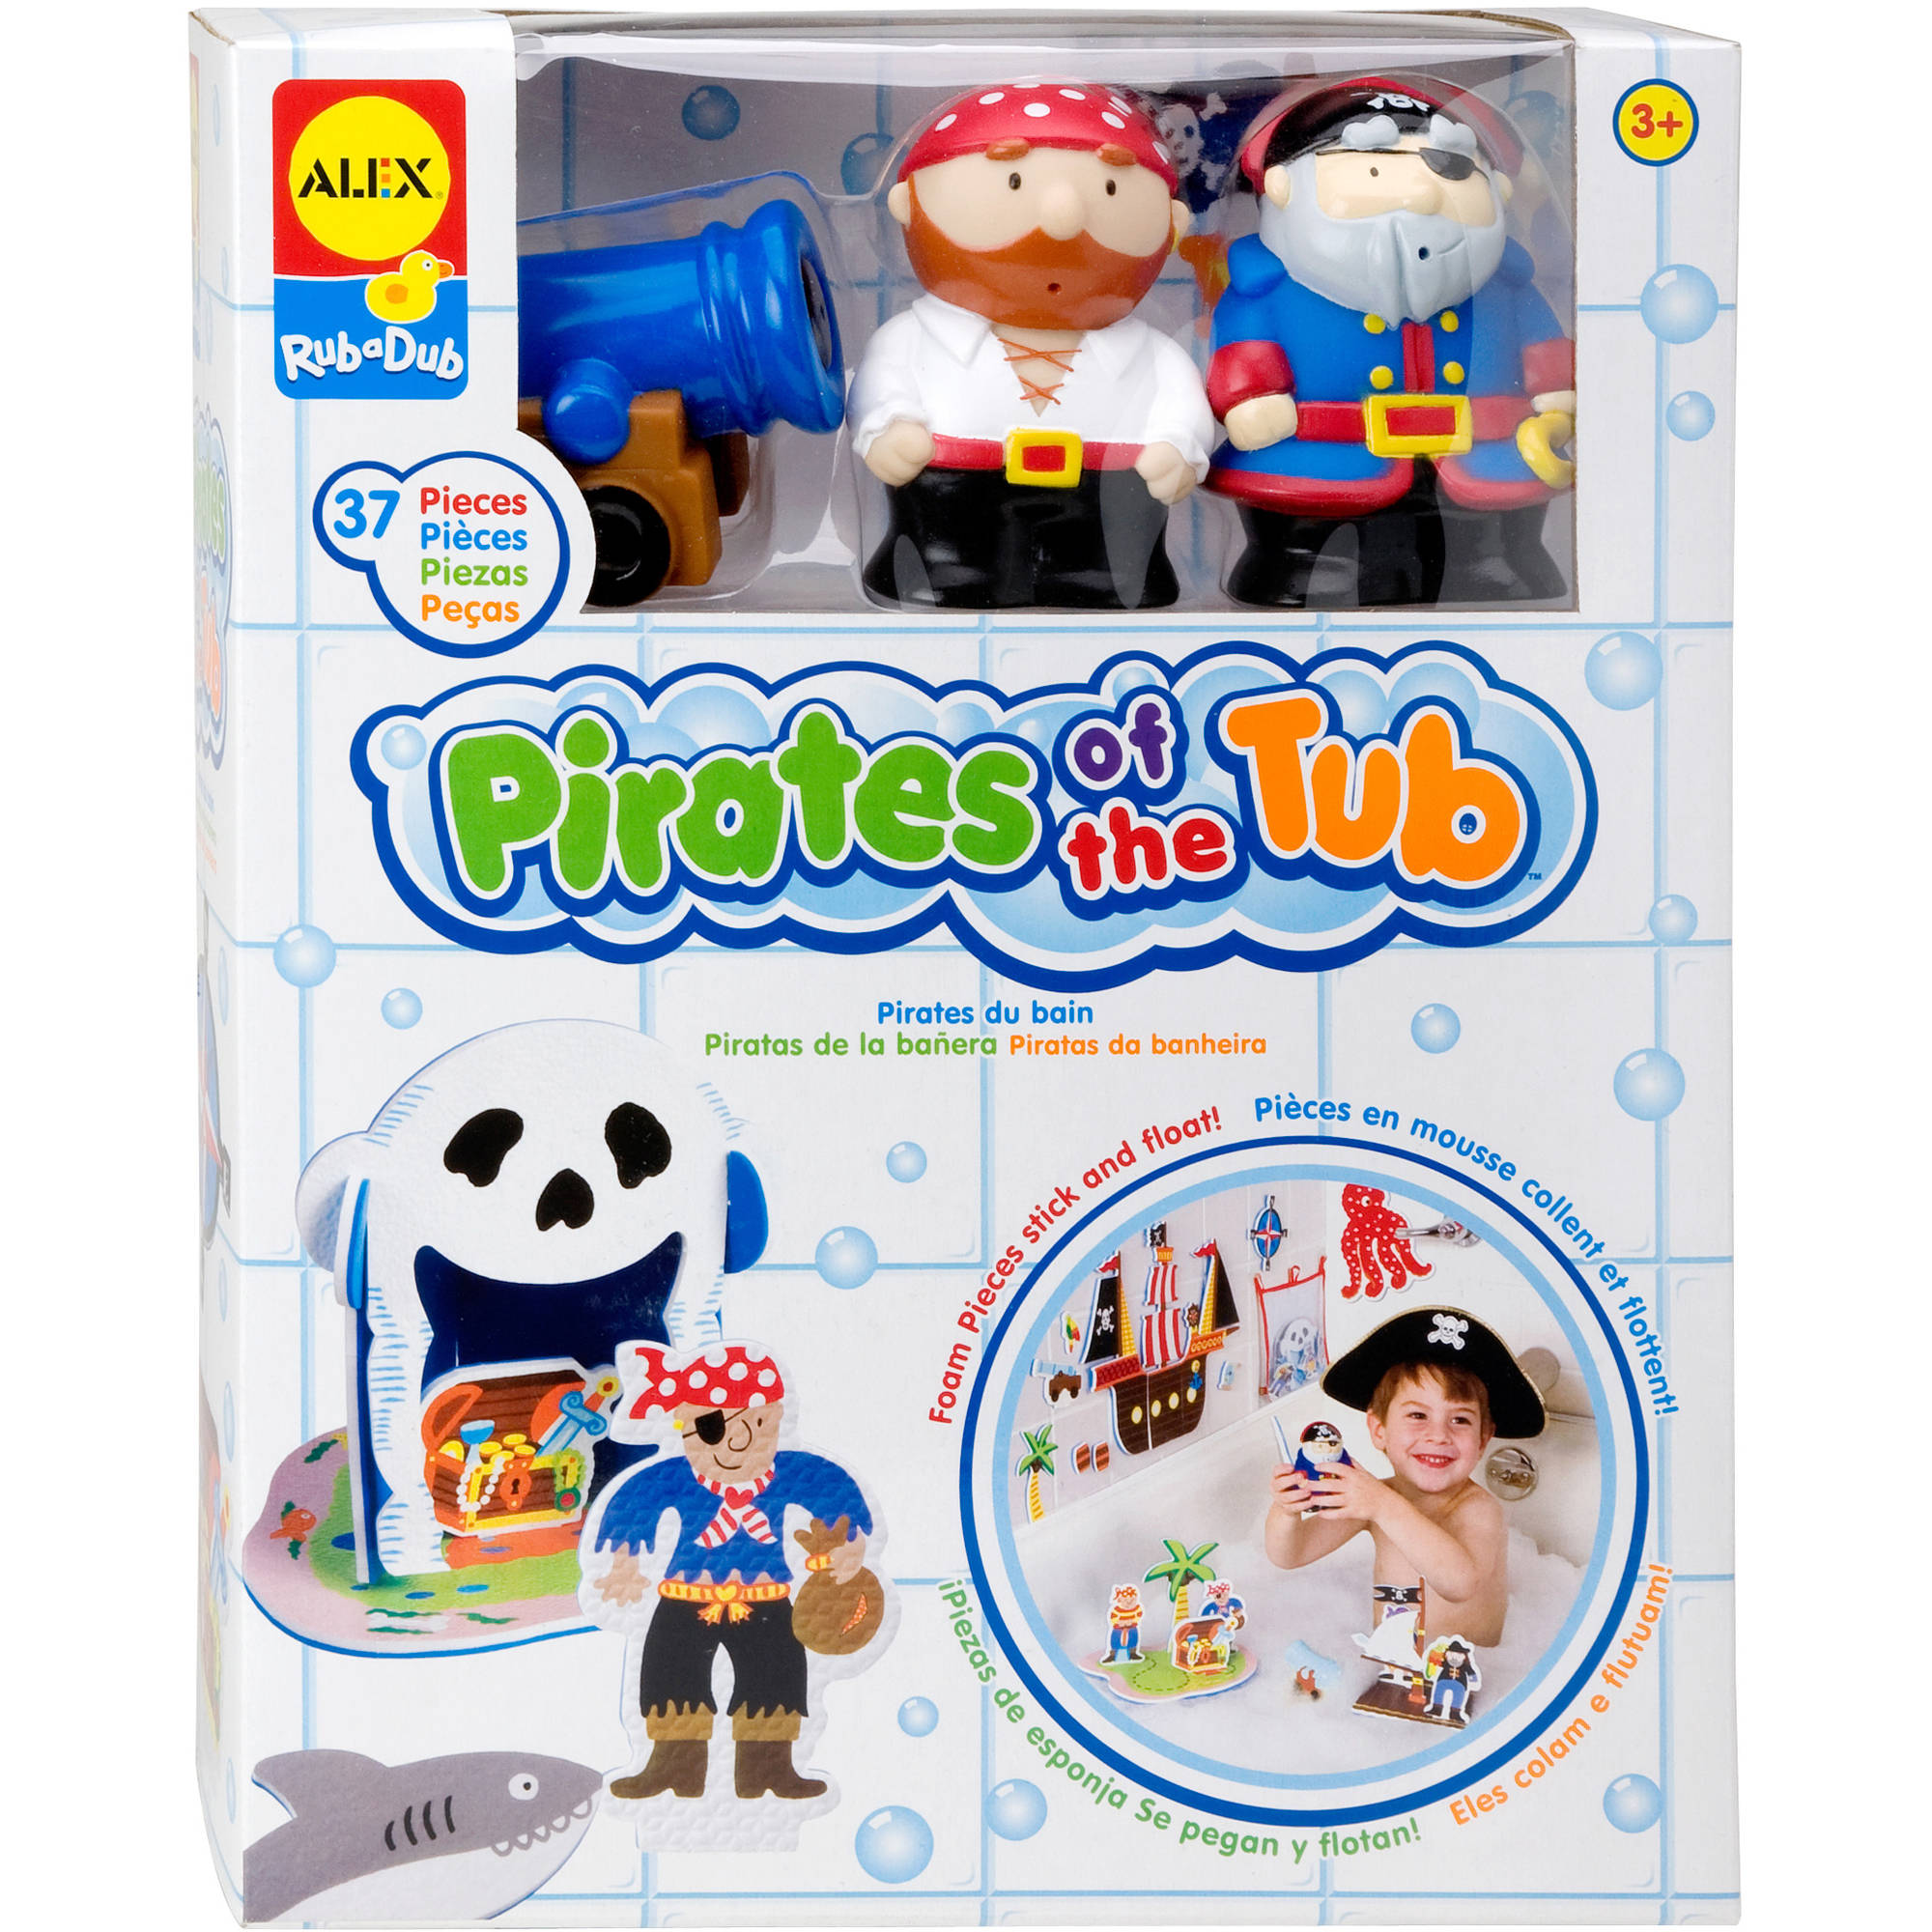 Alex Rub-a-Dub Pirates in the Tub Bath Toy by ALEX Toys